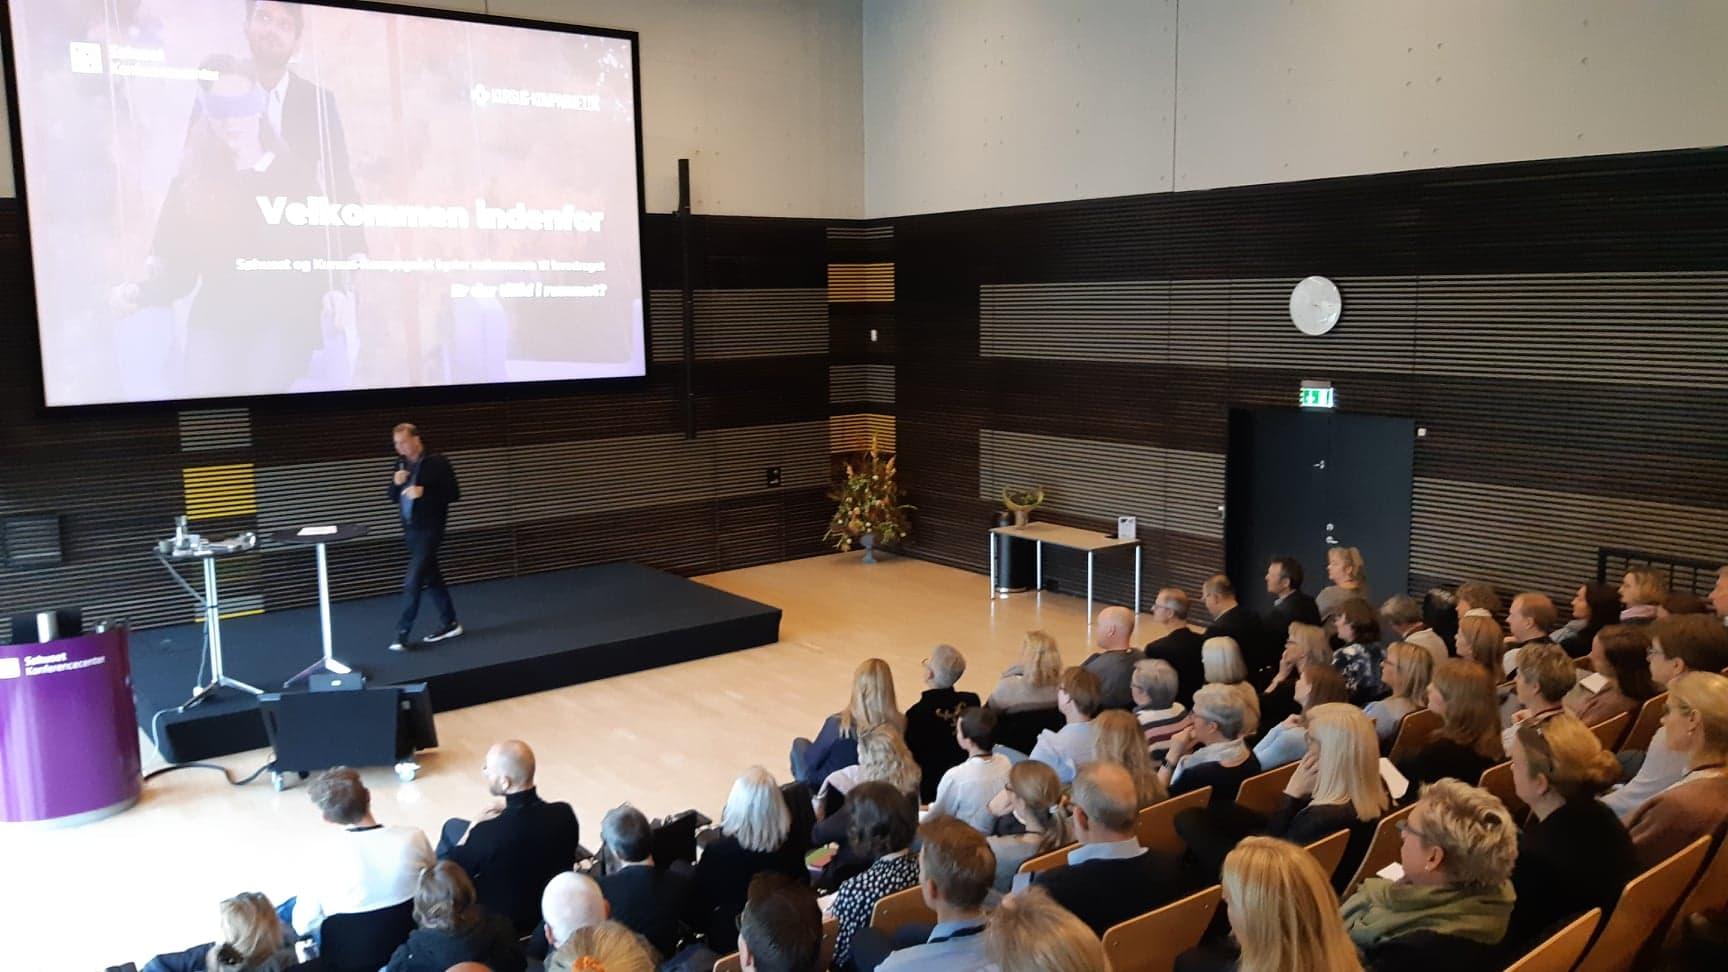 Georg Julin, SPEAKERSlounge, foredrag